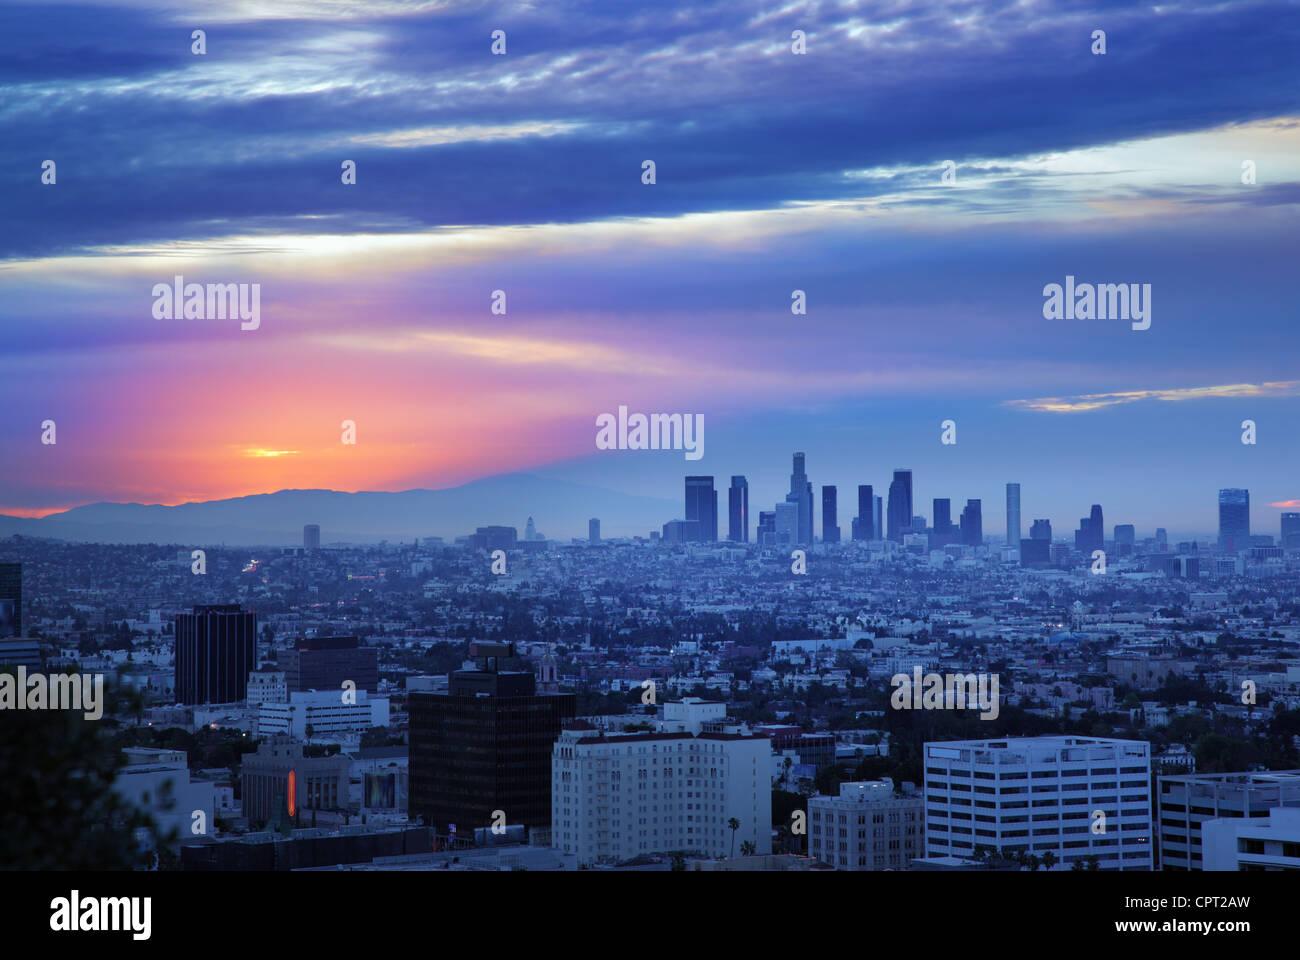 Skyline von Los Angeles bei Sonnenaufgang, Blick vom Hollywood Hills. Stockbild